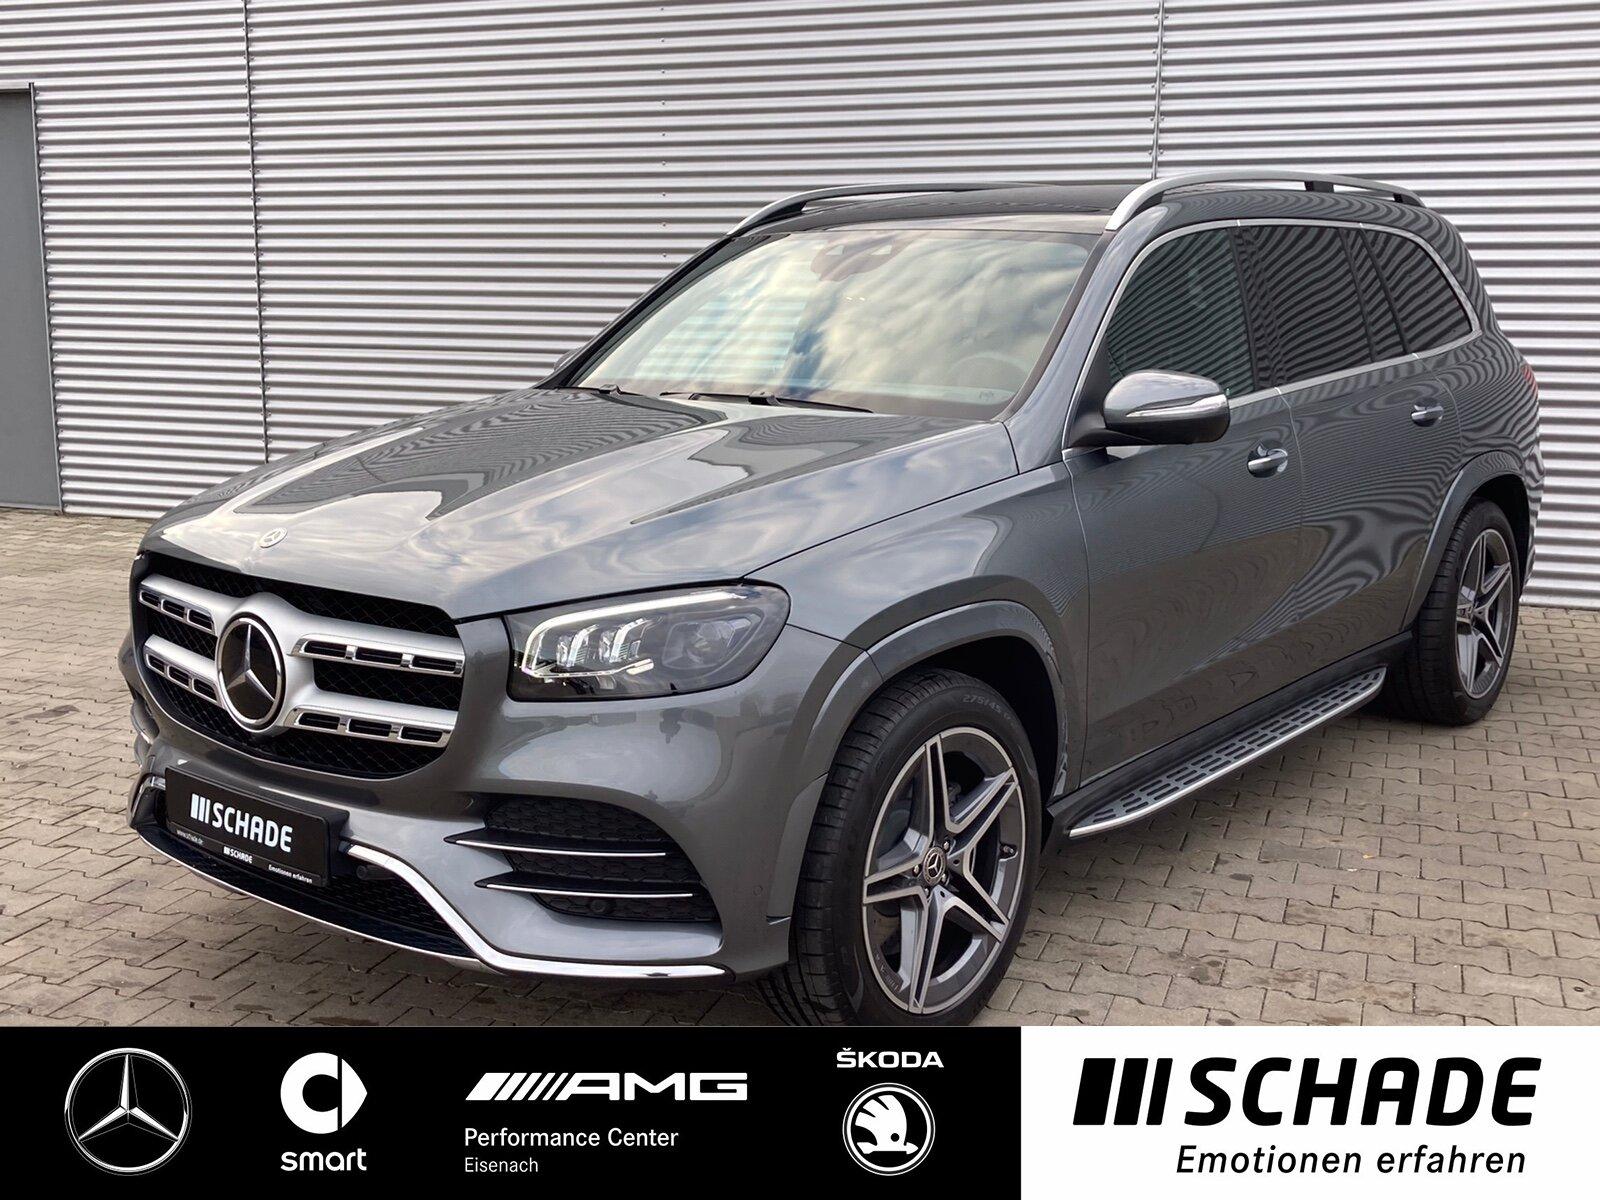 Mercedes-Benz GLS 400 d 4M AMG Line *Head-Up*AHK*Standheizung*, Jahr 2019, Diesel